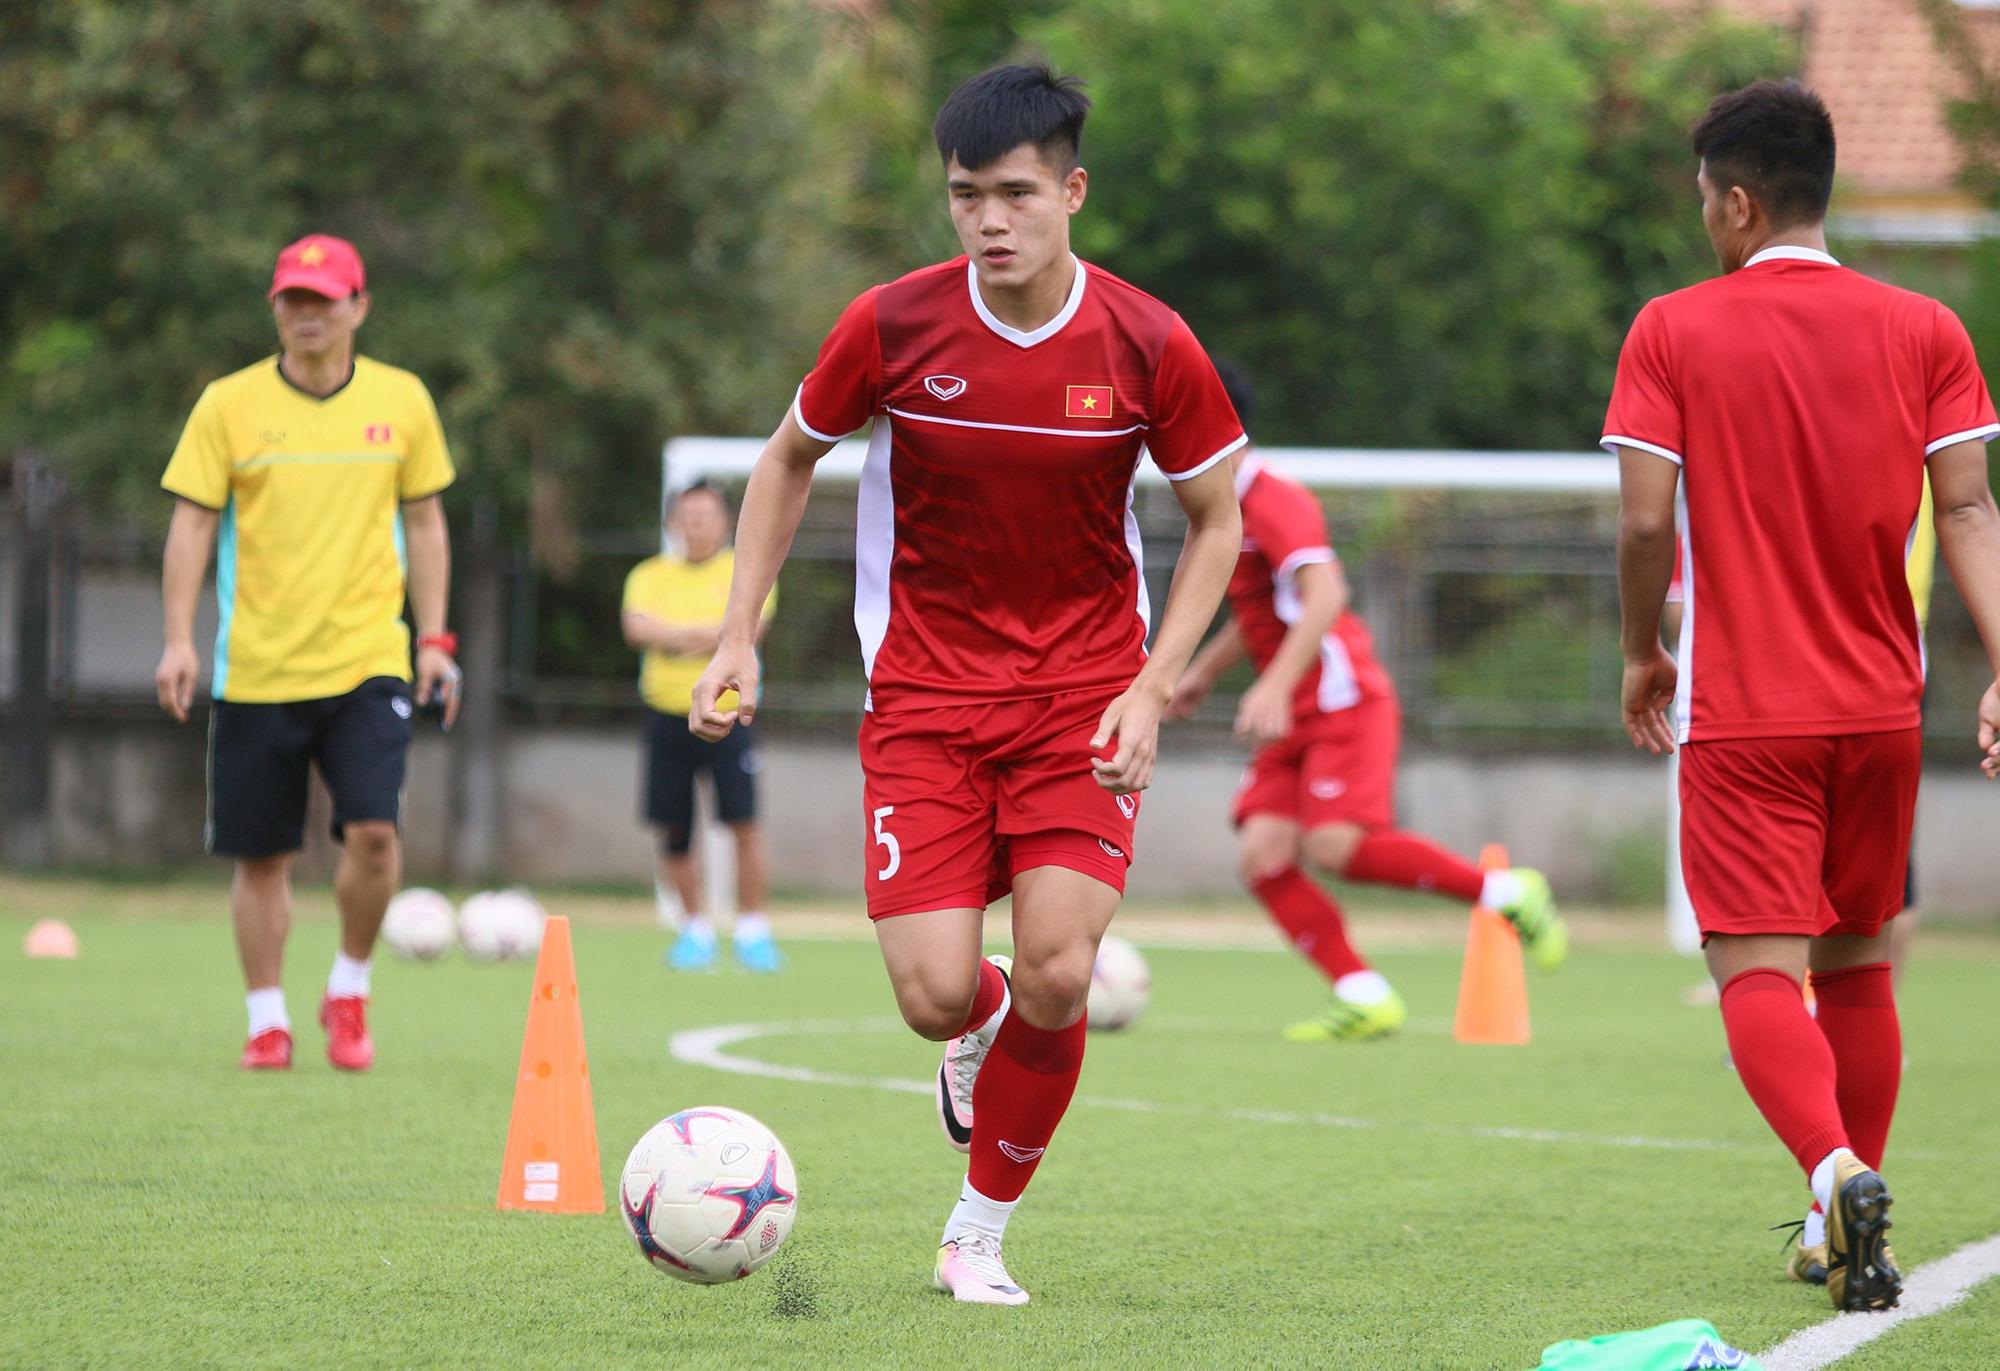 CLB Thái Lan mời gọi trung vệ Việt Nam mức lương 110.000 USD - Ảnh 1.